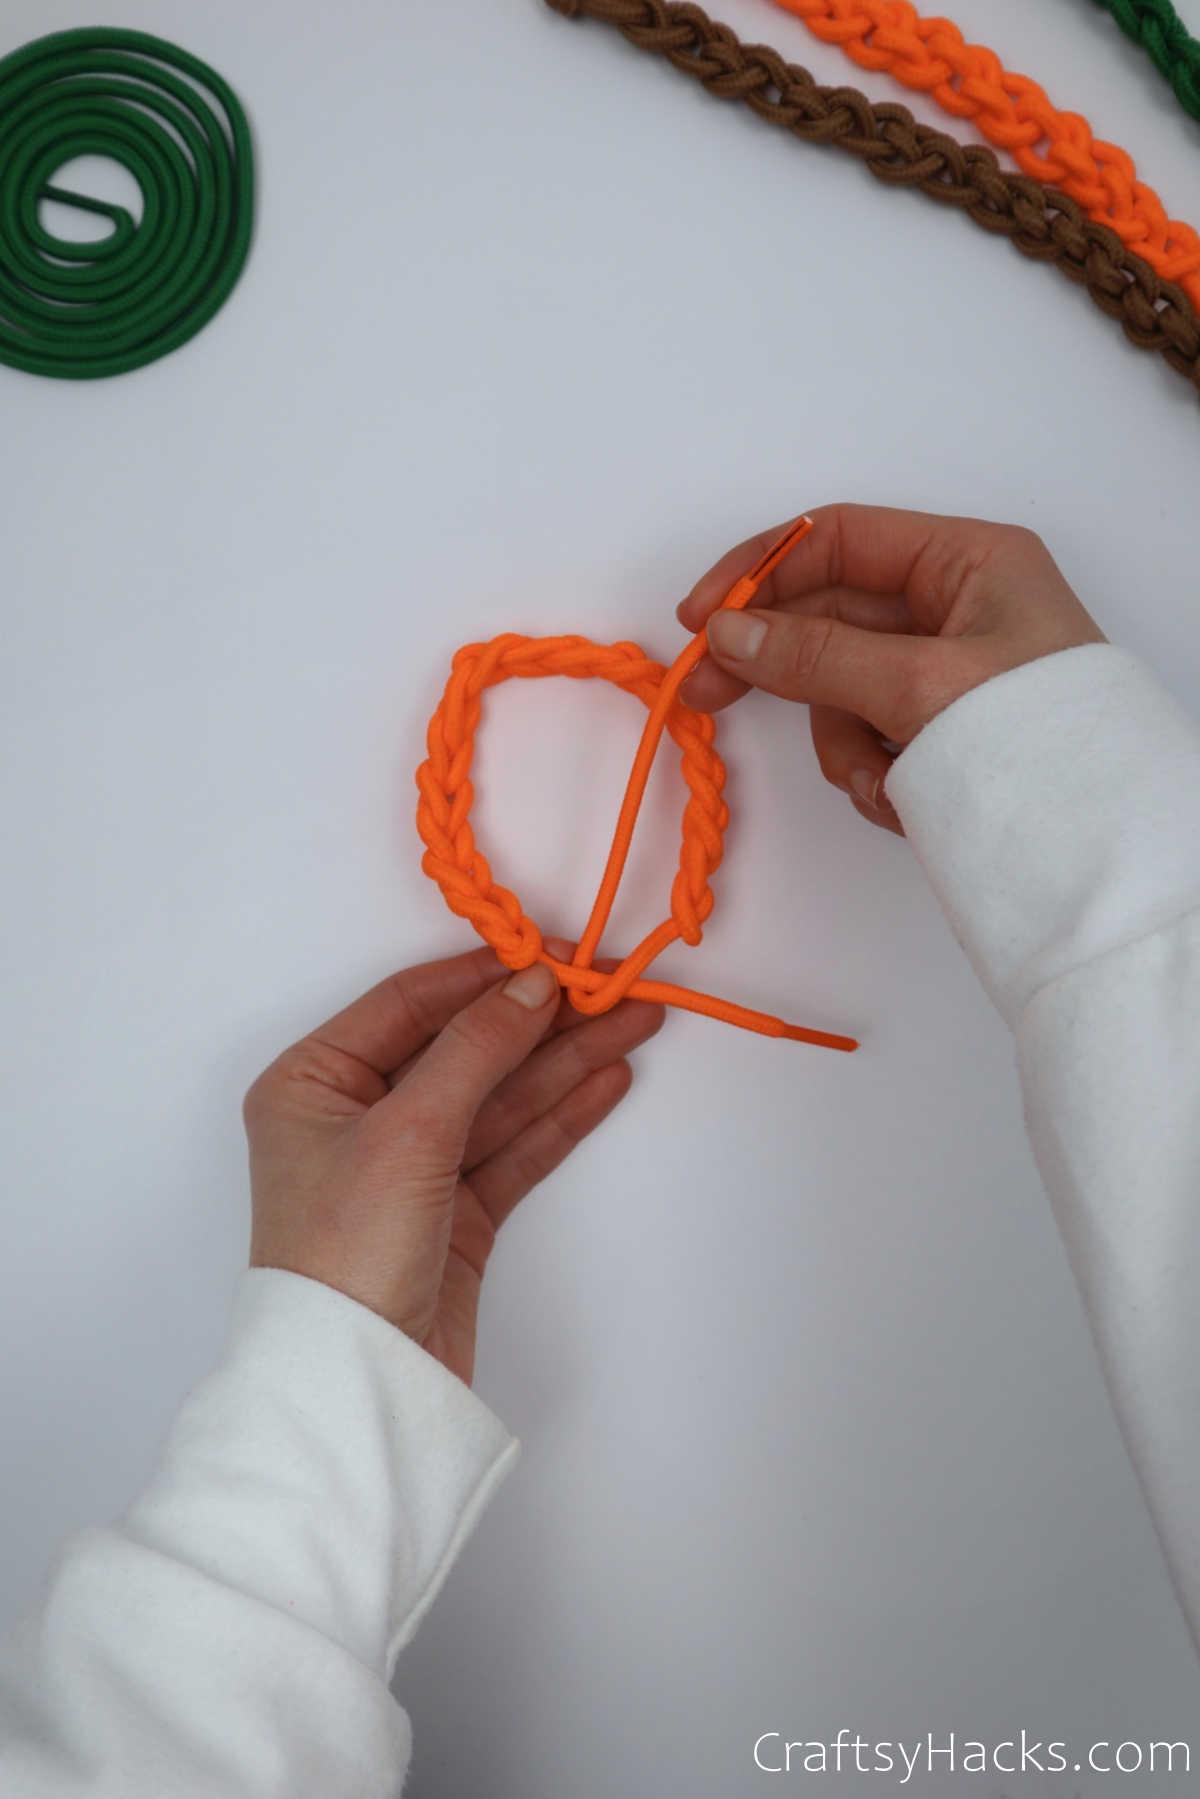 tying bracelet together